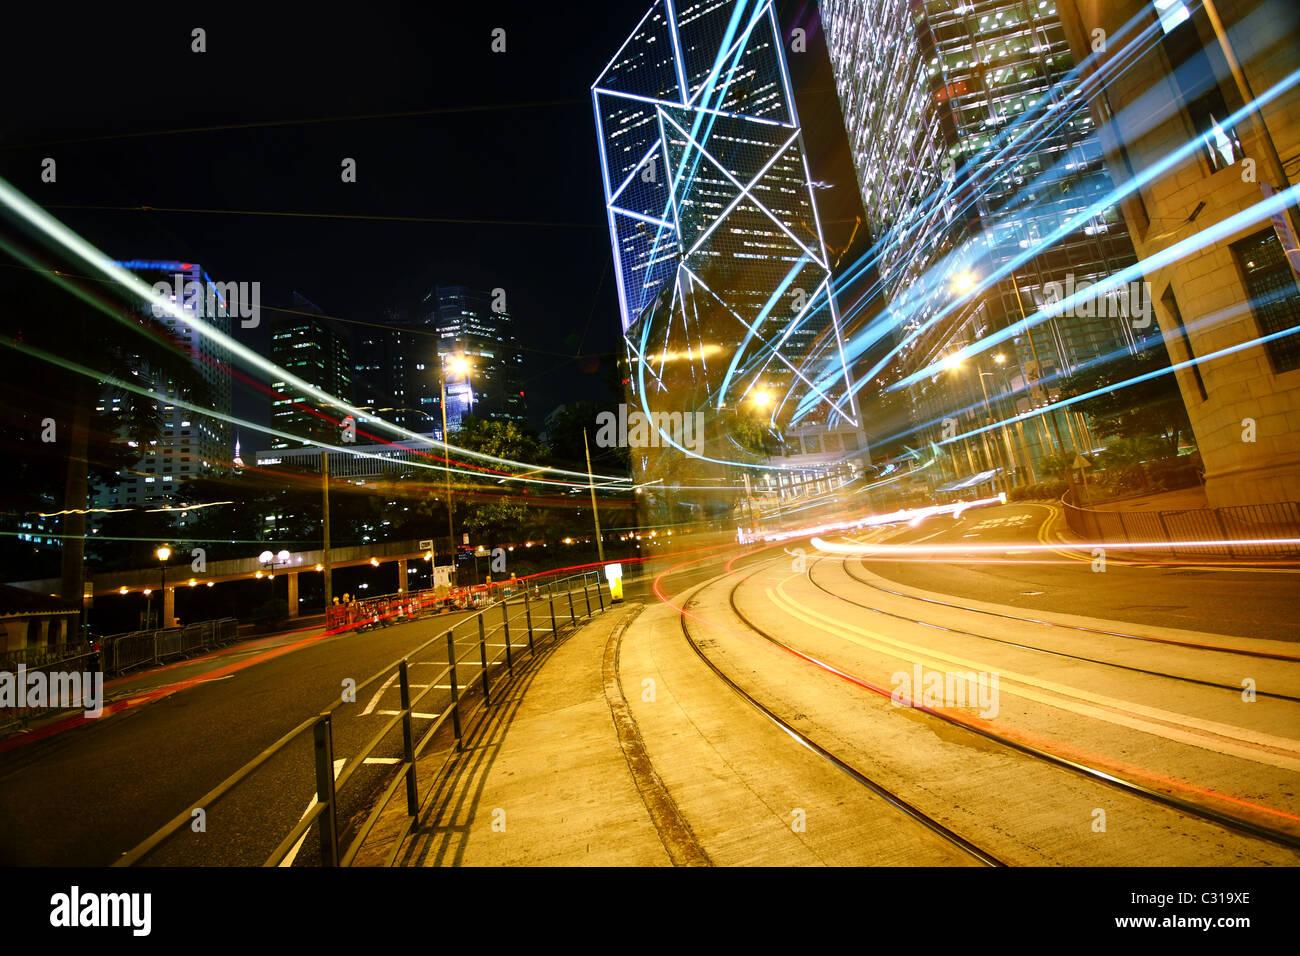 Sentieri di luce sull'edificio moderno sfondo. Immagini Stock